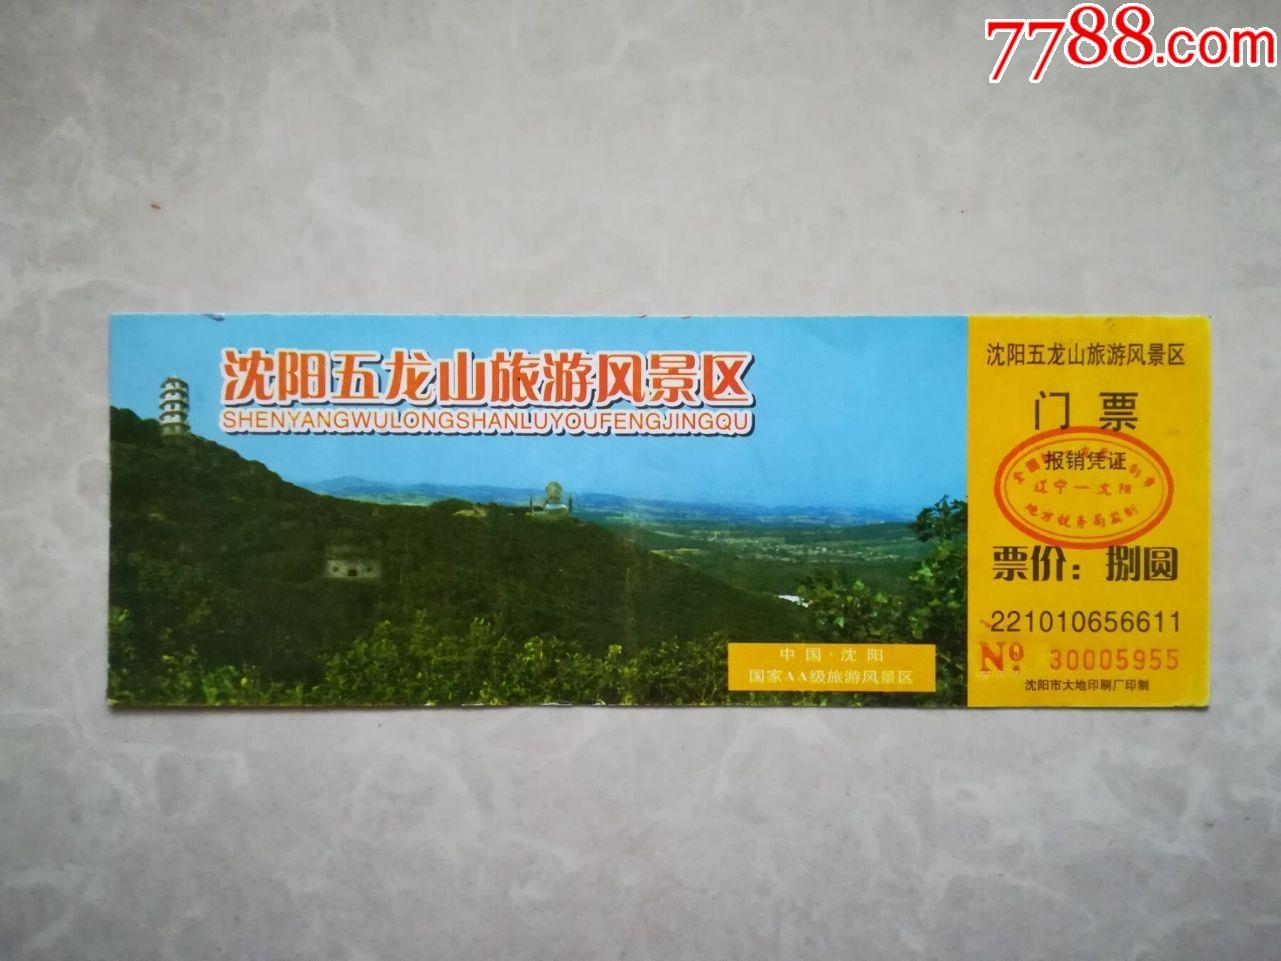 沈阳五龙山旅游风景区